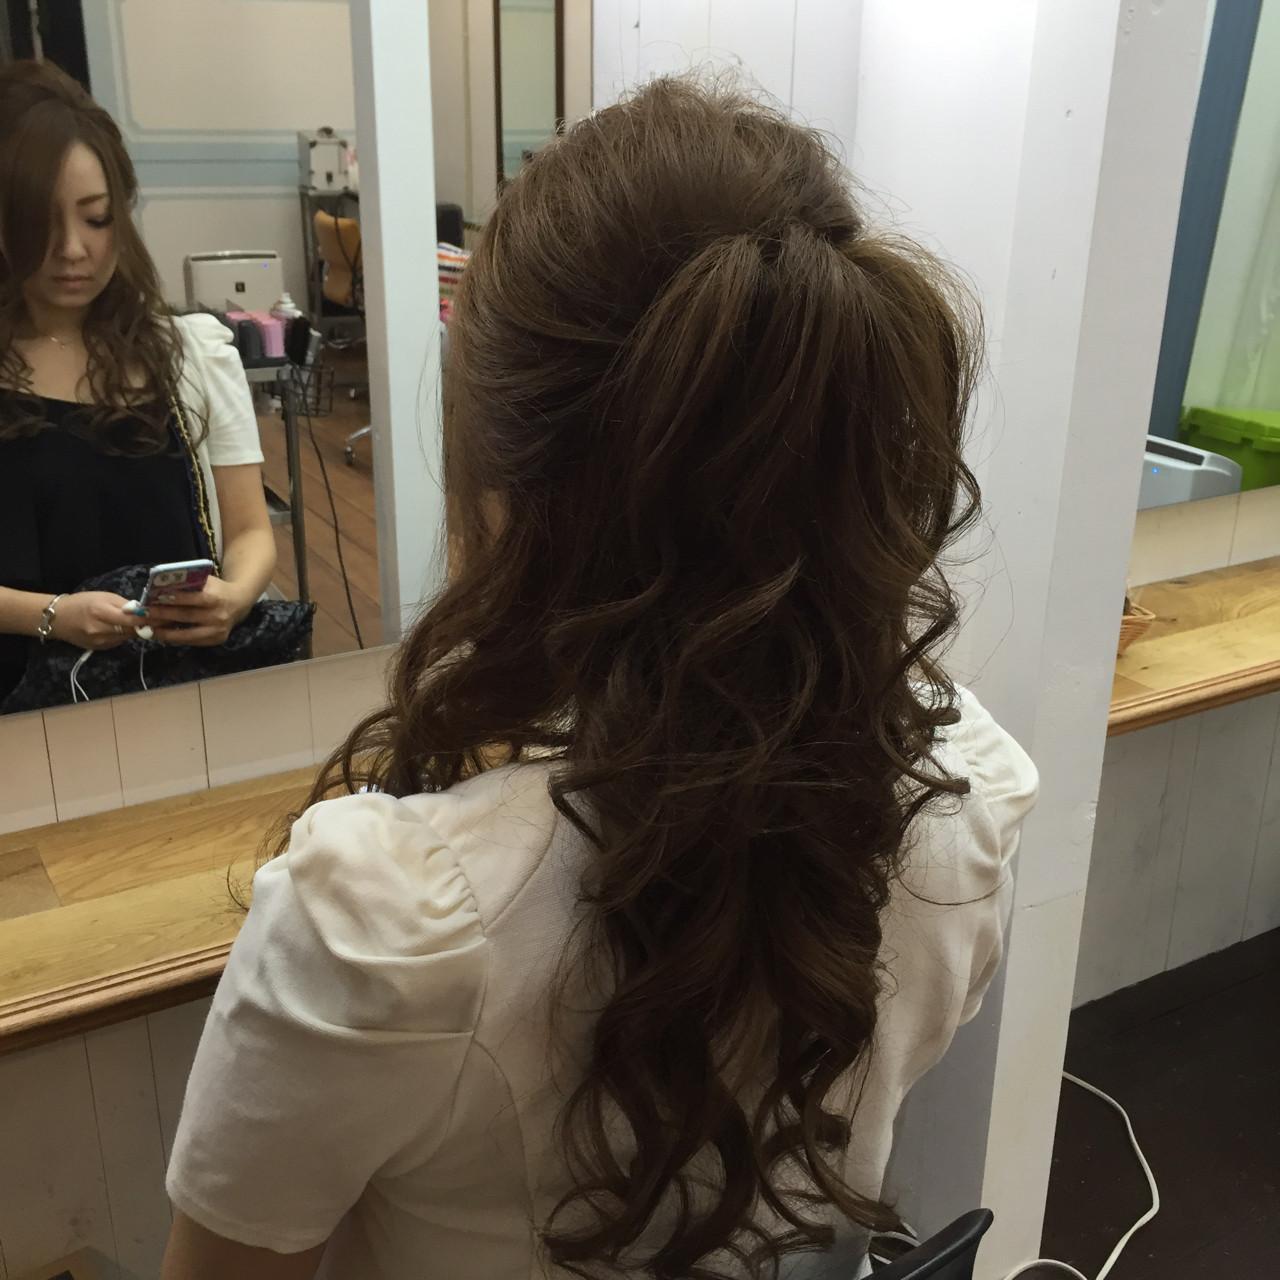 巻き髪 セミロング ヘアアレンジ ハーフアップ ヘアスタイルや髪型の写真・画像